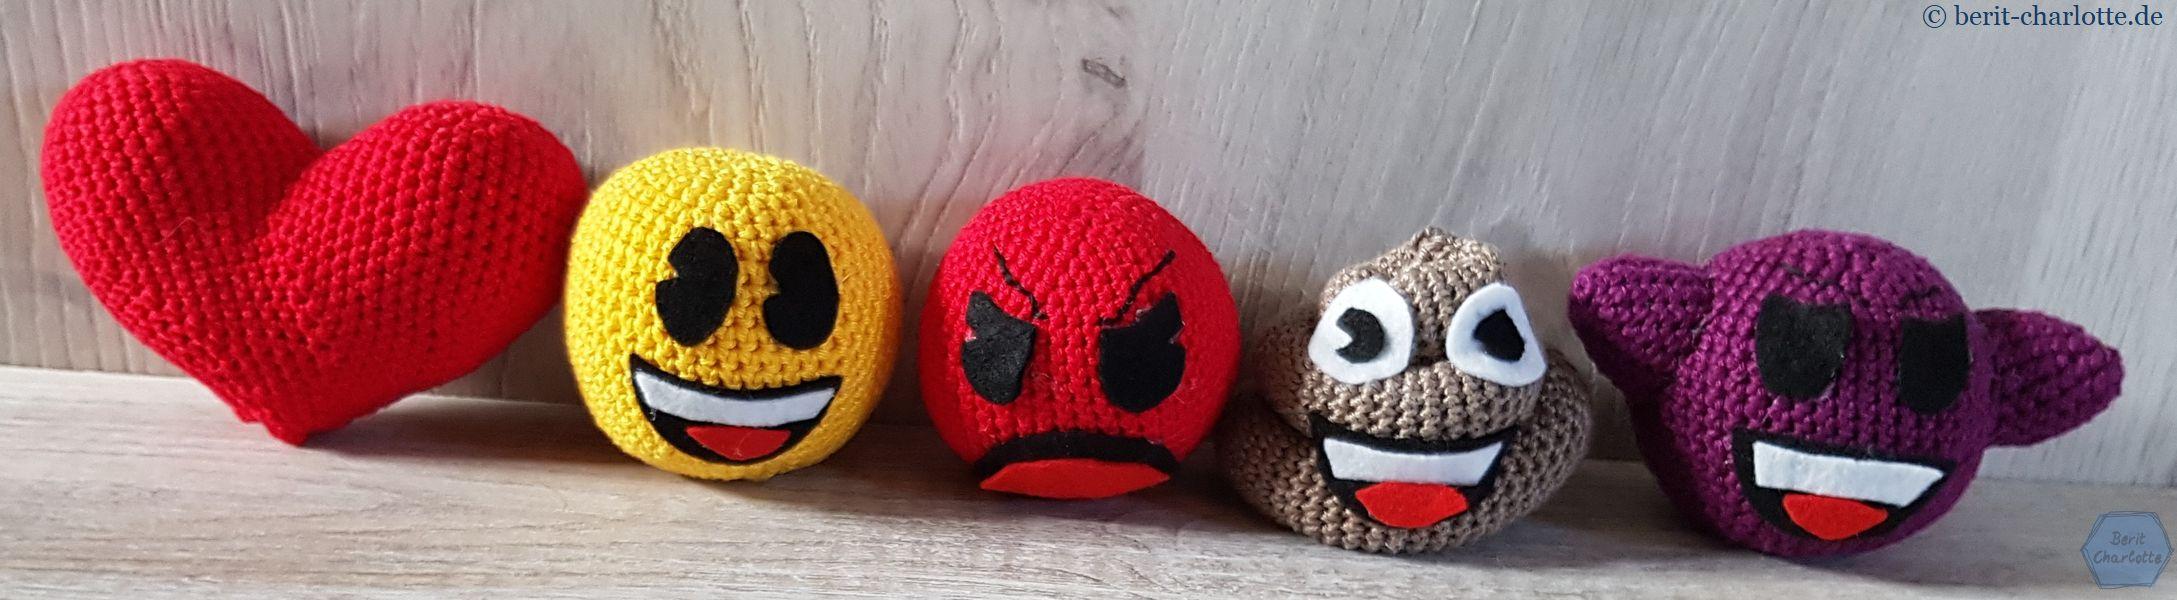 Ich habe mich für diese fünf Emoji (von 35 Anleitungen aus dem Buch) entschieden.